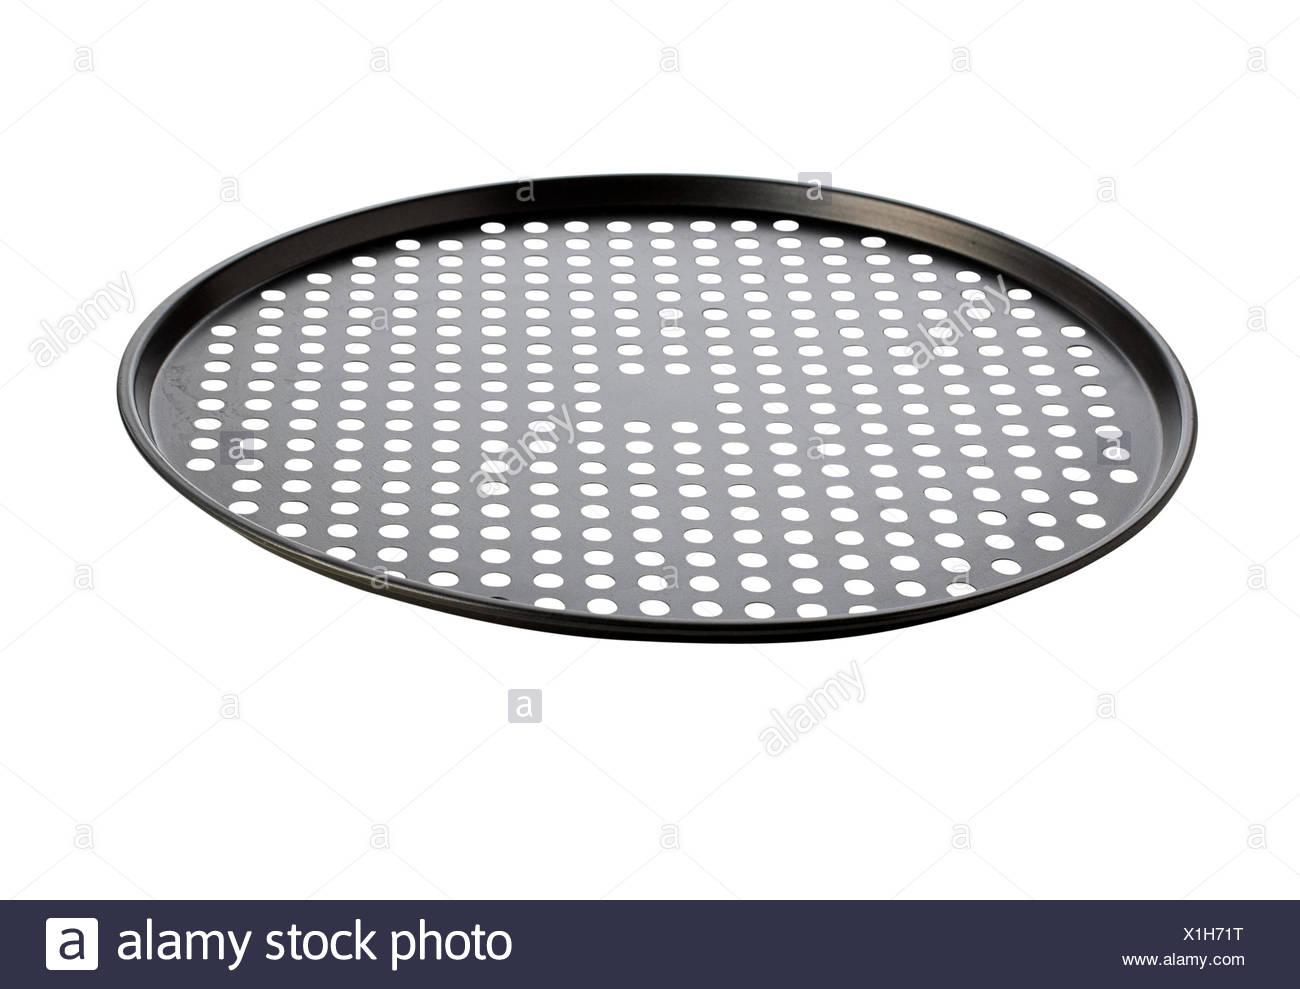 Pizza tray Stock Photo